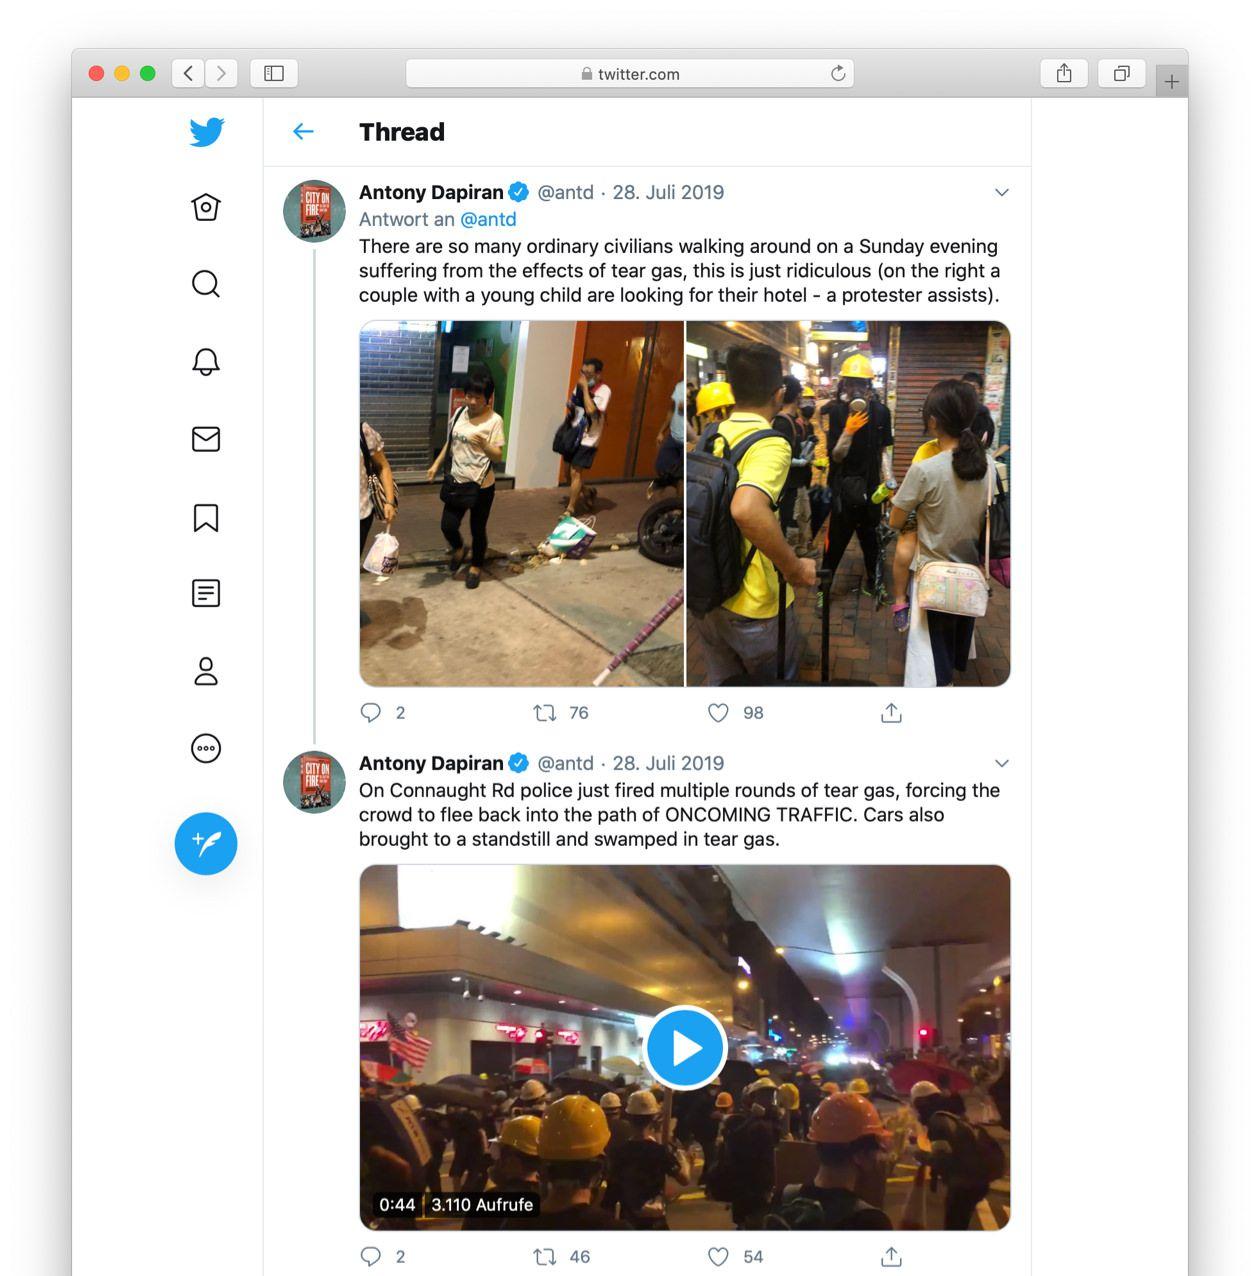 Screenshot of a Twitter thread